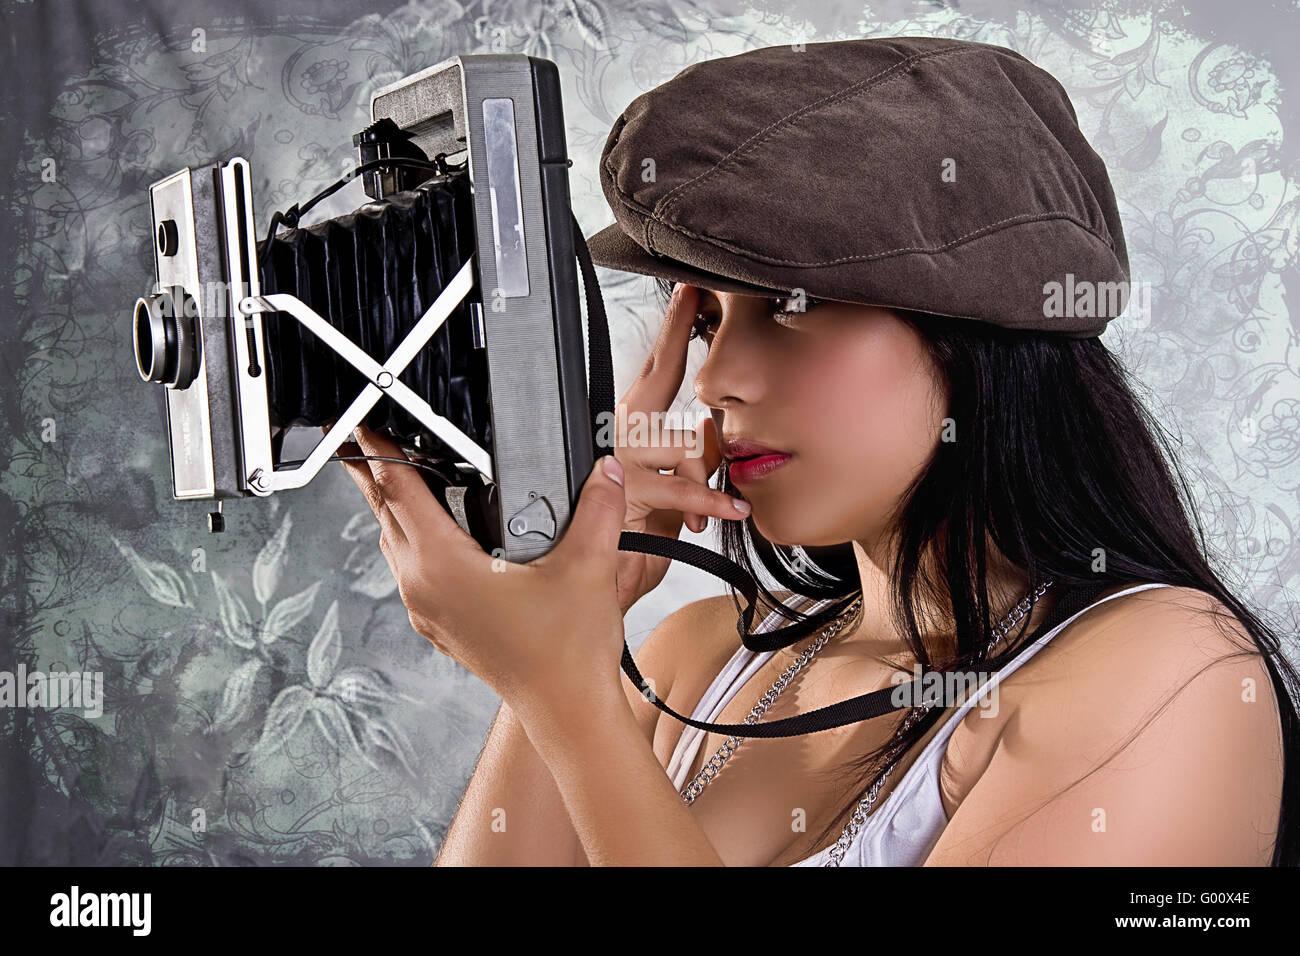 nostalgia - Stock Image